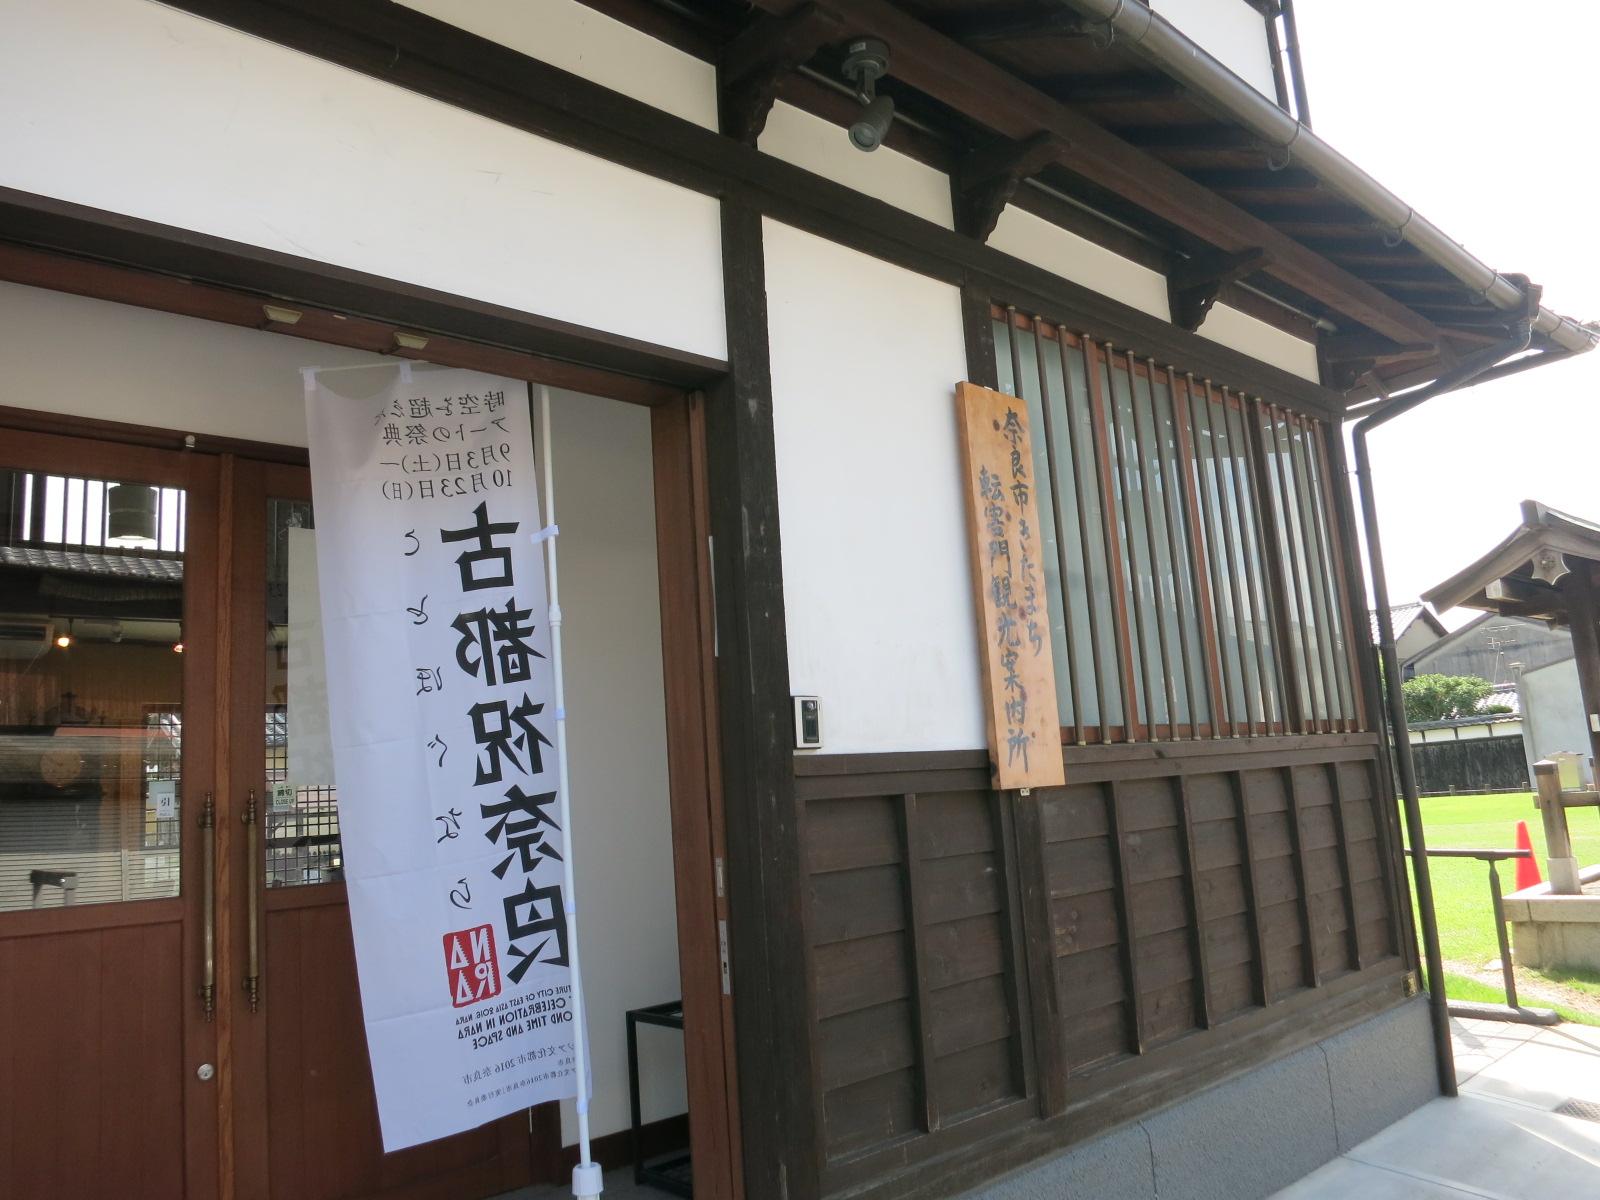 隣には奈良市きたまち転害門観光案内所があります。昭和初期の銀行建物を保存改修したそうです。